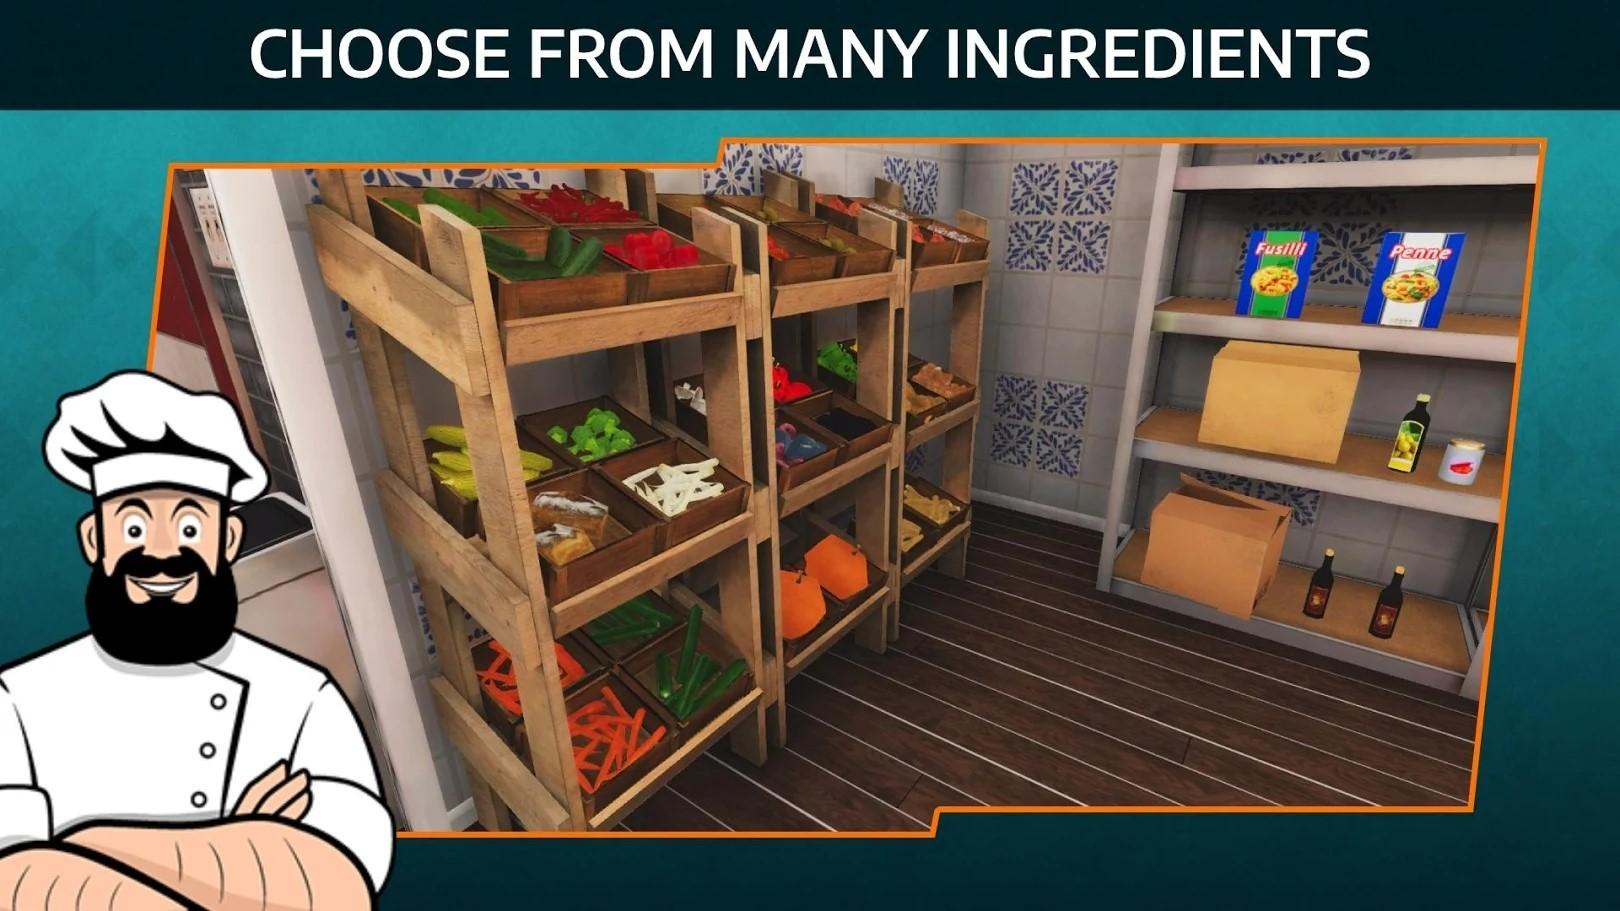 黑暗料理模拟器手机版破解版游戏截图